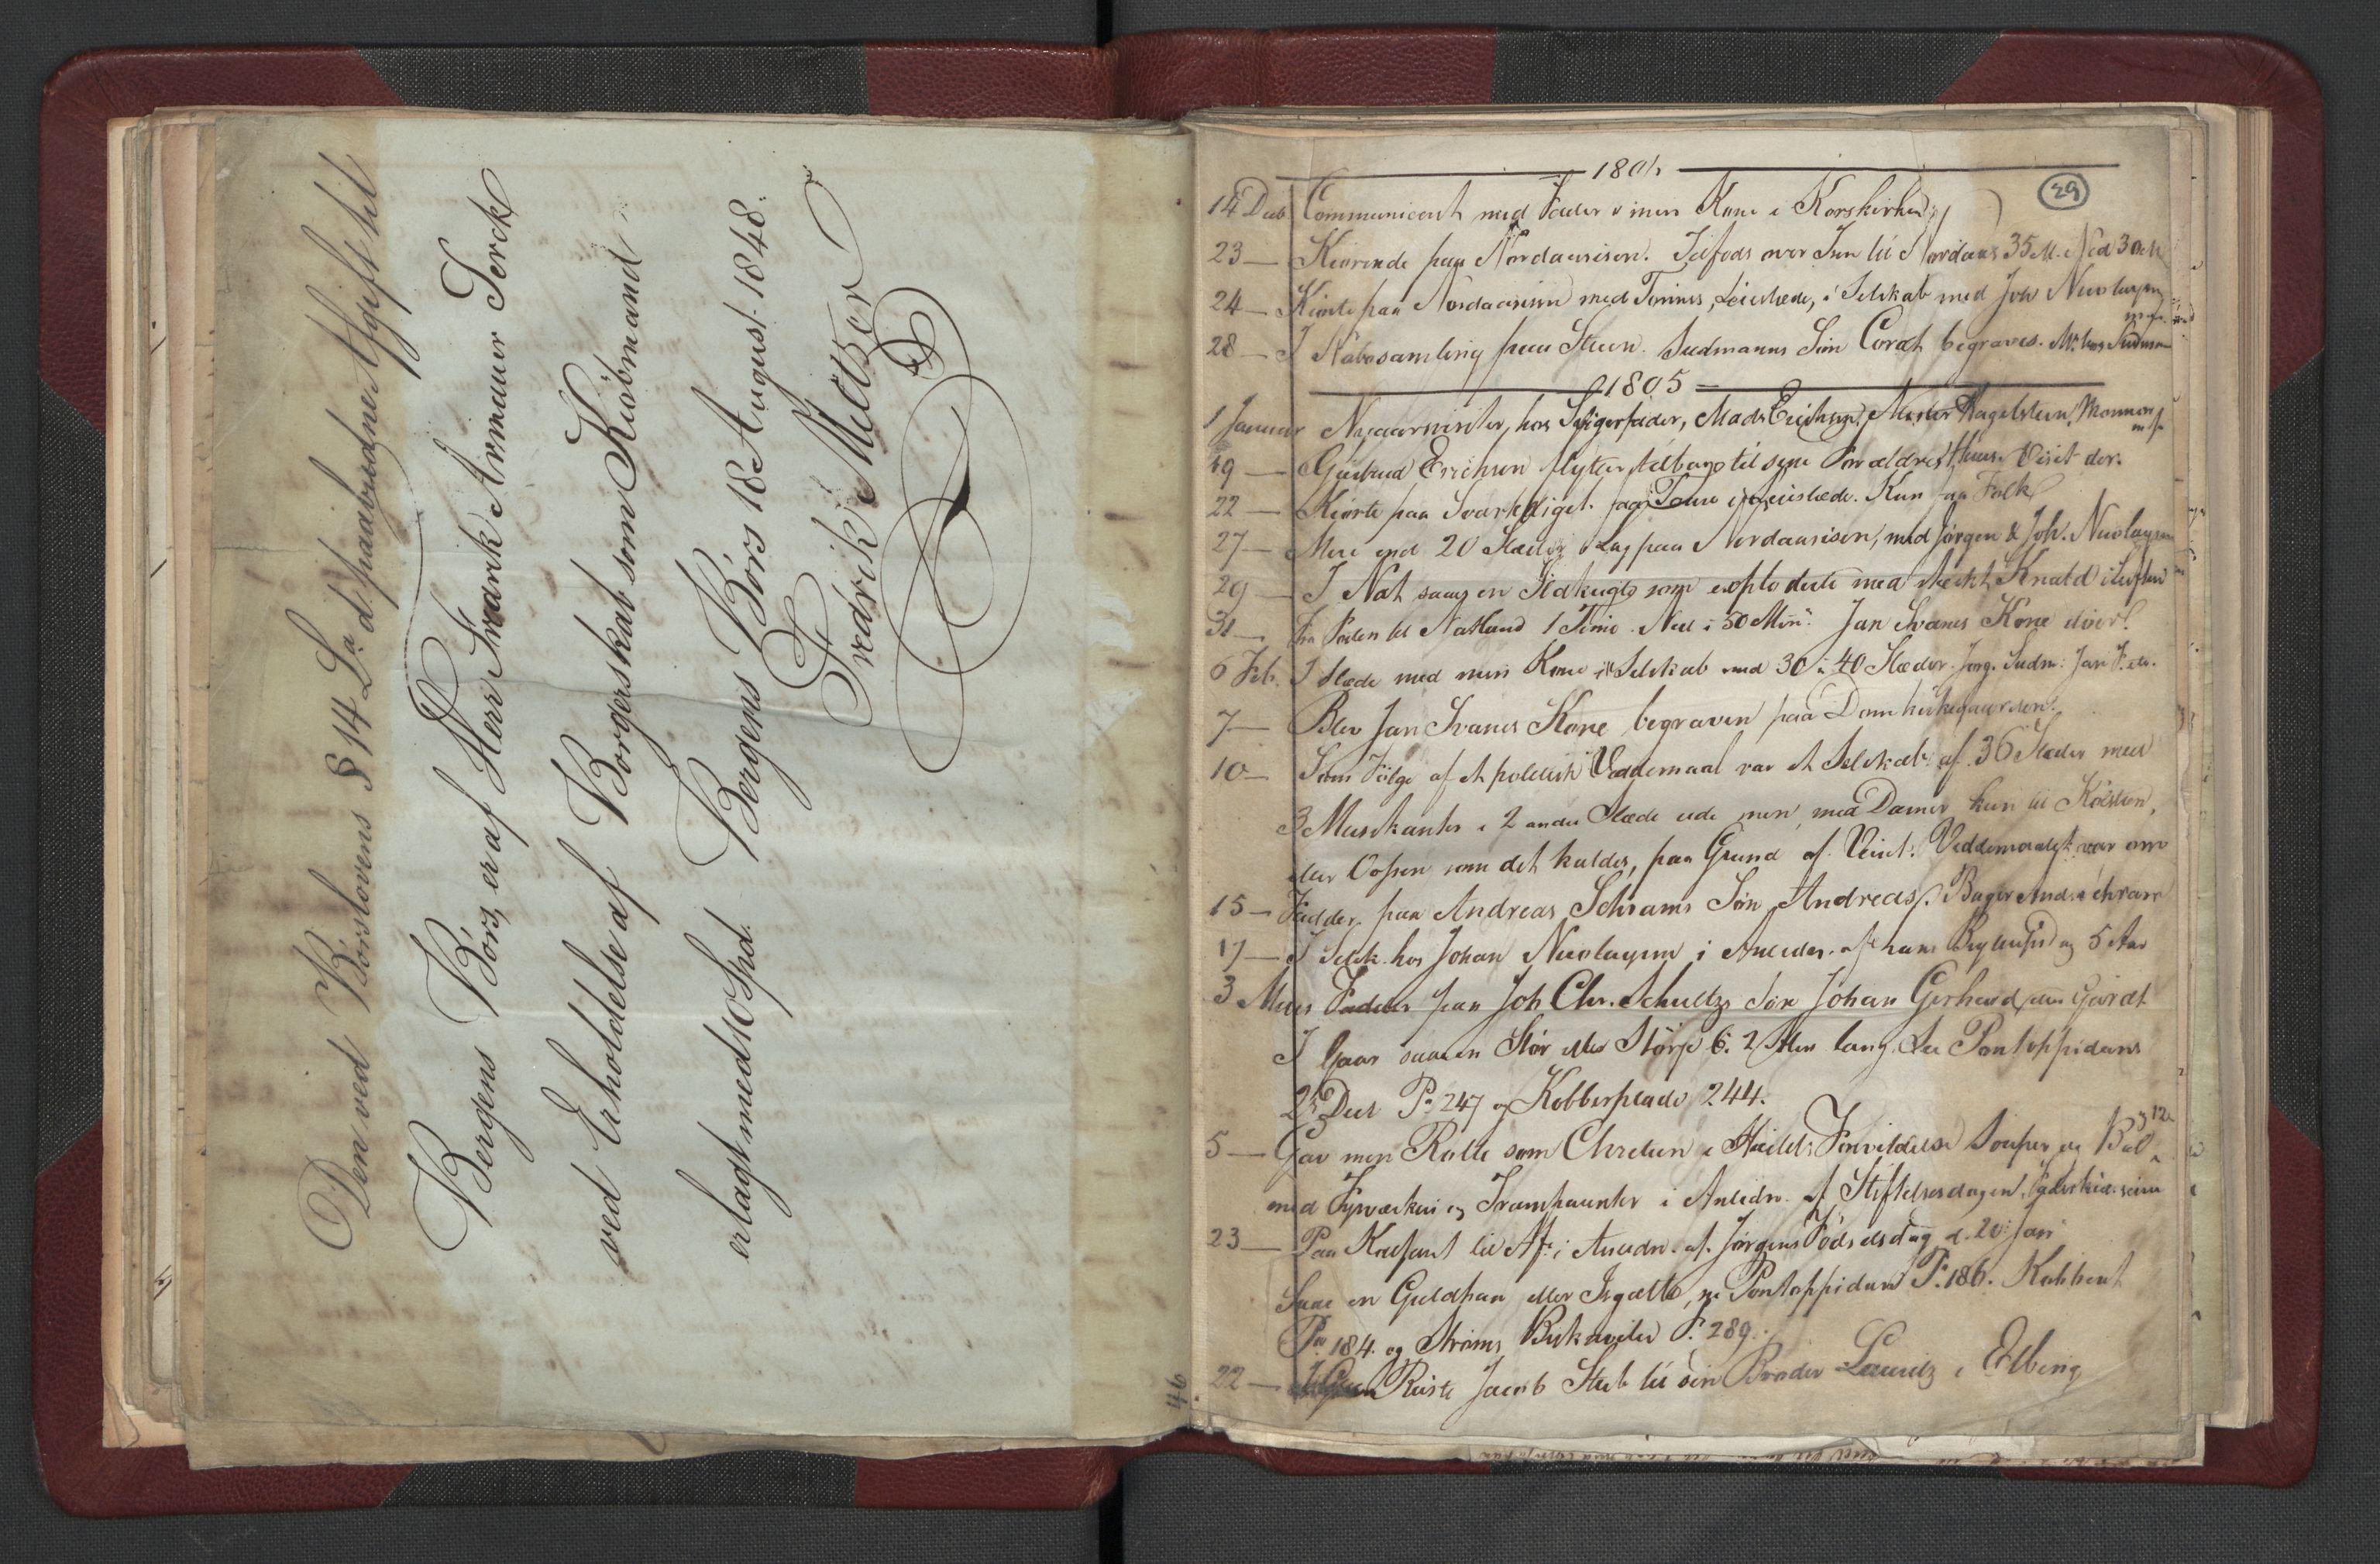 RA, Meltzer, Fredrik, F/L0002: Dagbok, 1796-1808, s. 28b-29a